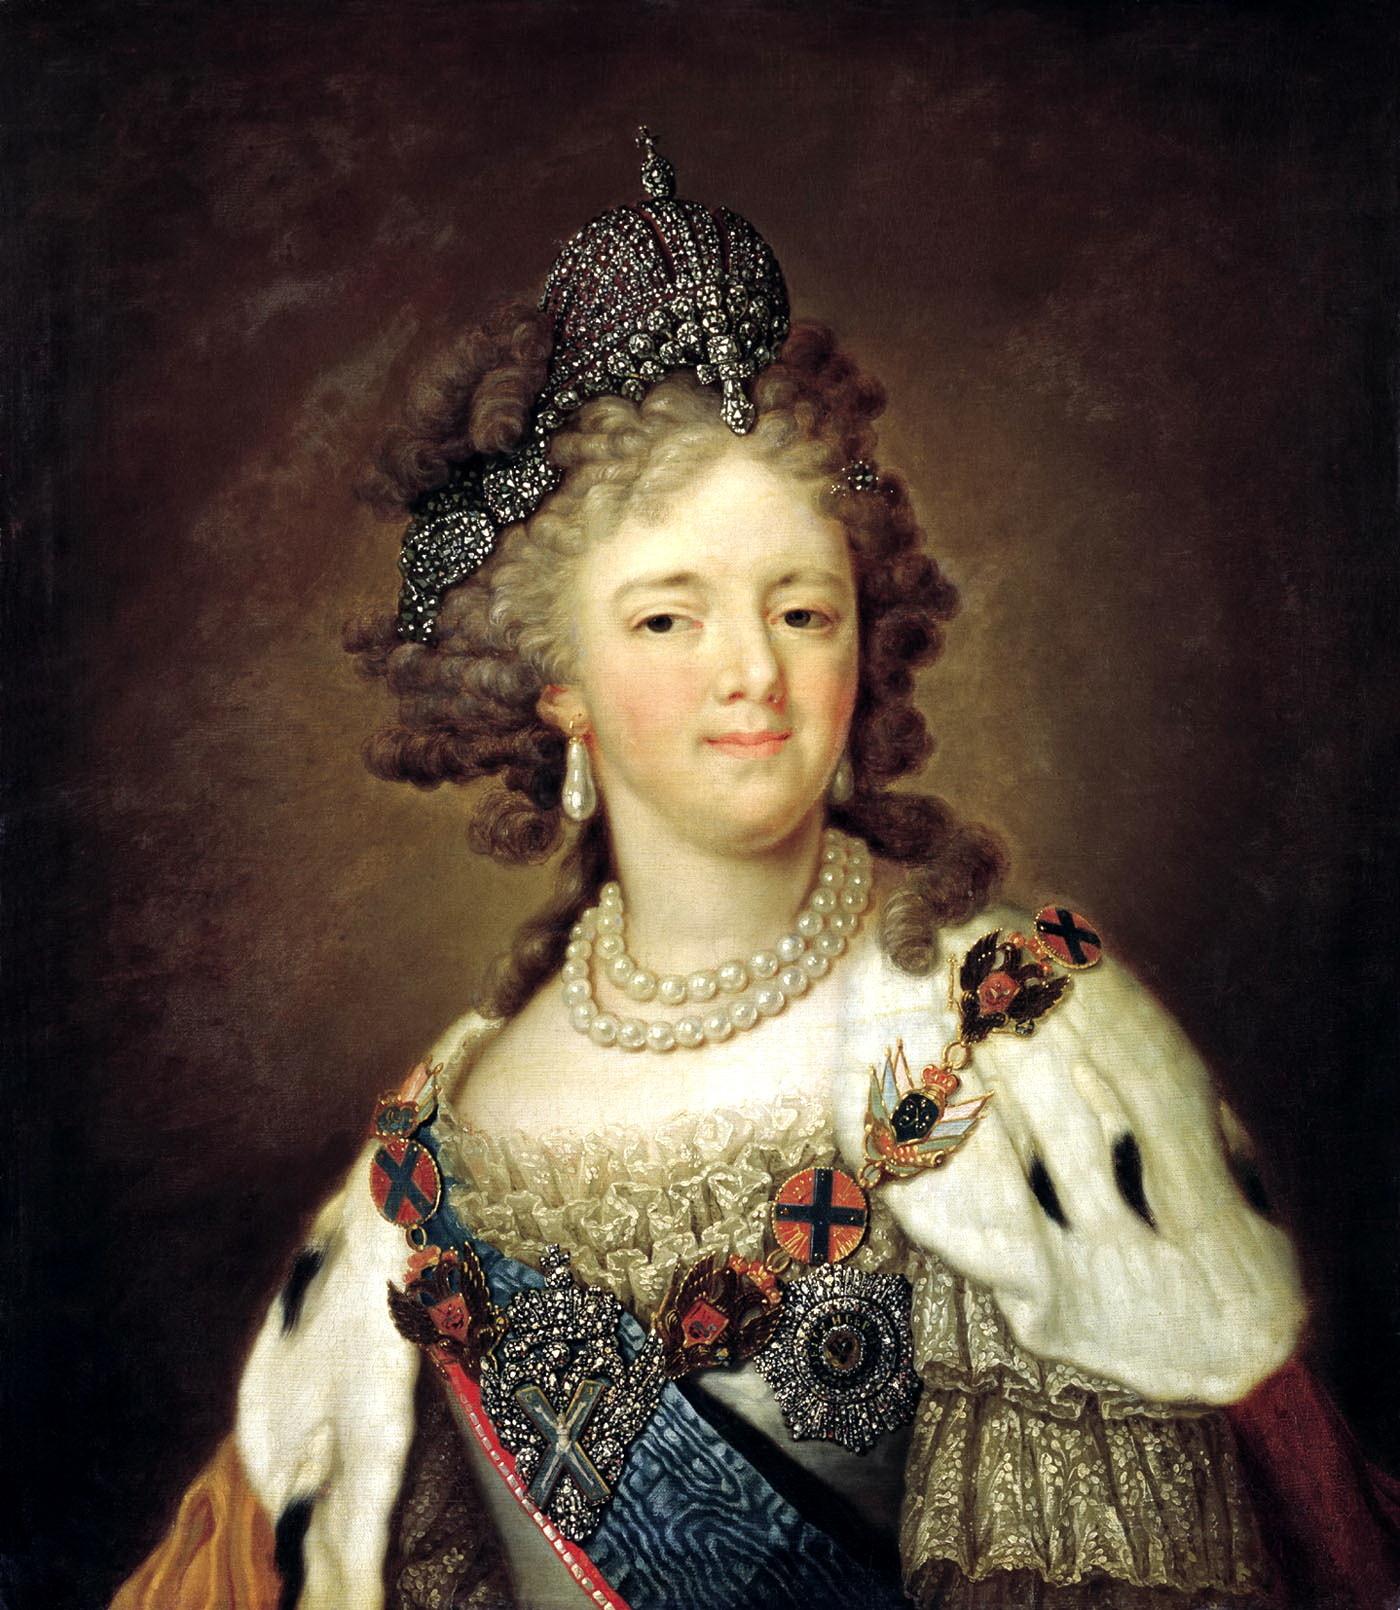 Wladimir Borowikowski: Sophie Dorothee von Württemberg bzw. Kaiserin Maria Fjodorowna von Russland